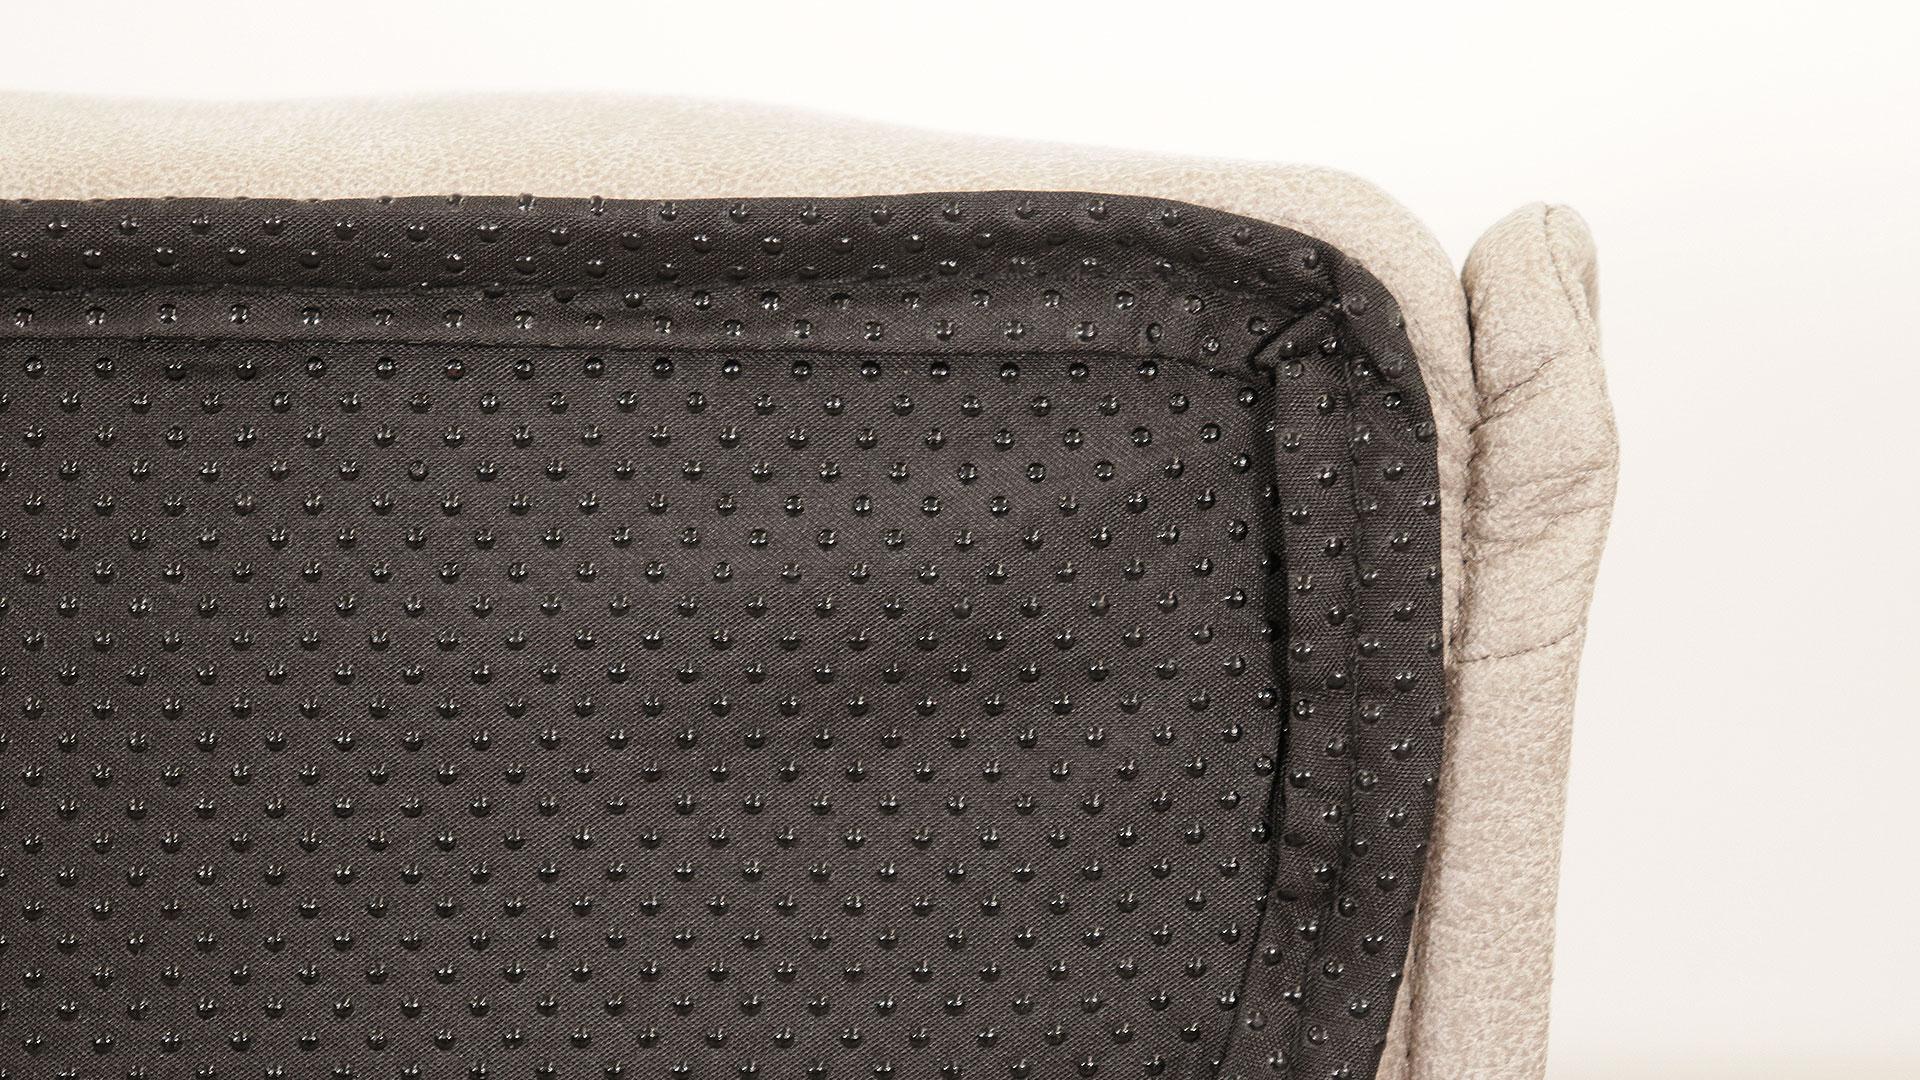 アスクインのベッドソファ、トニーのグレー色のクッション裏の滑り止めの画像